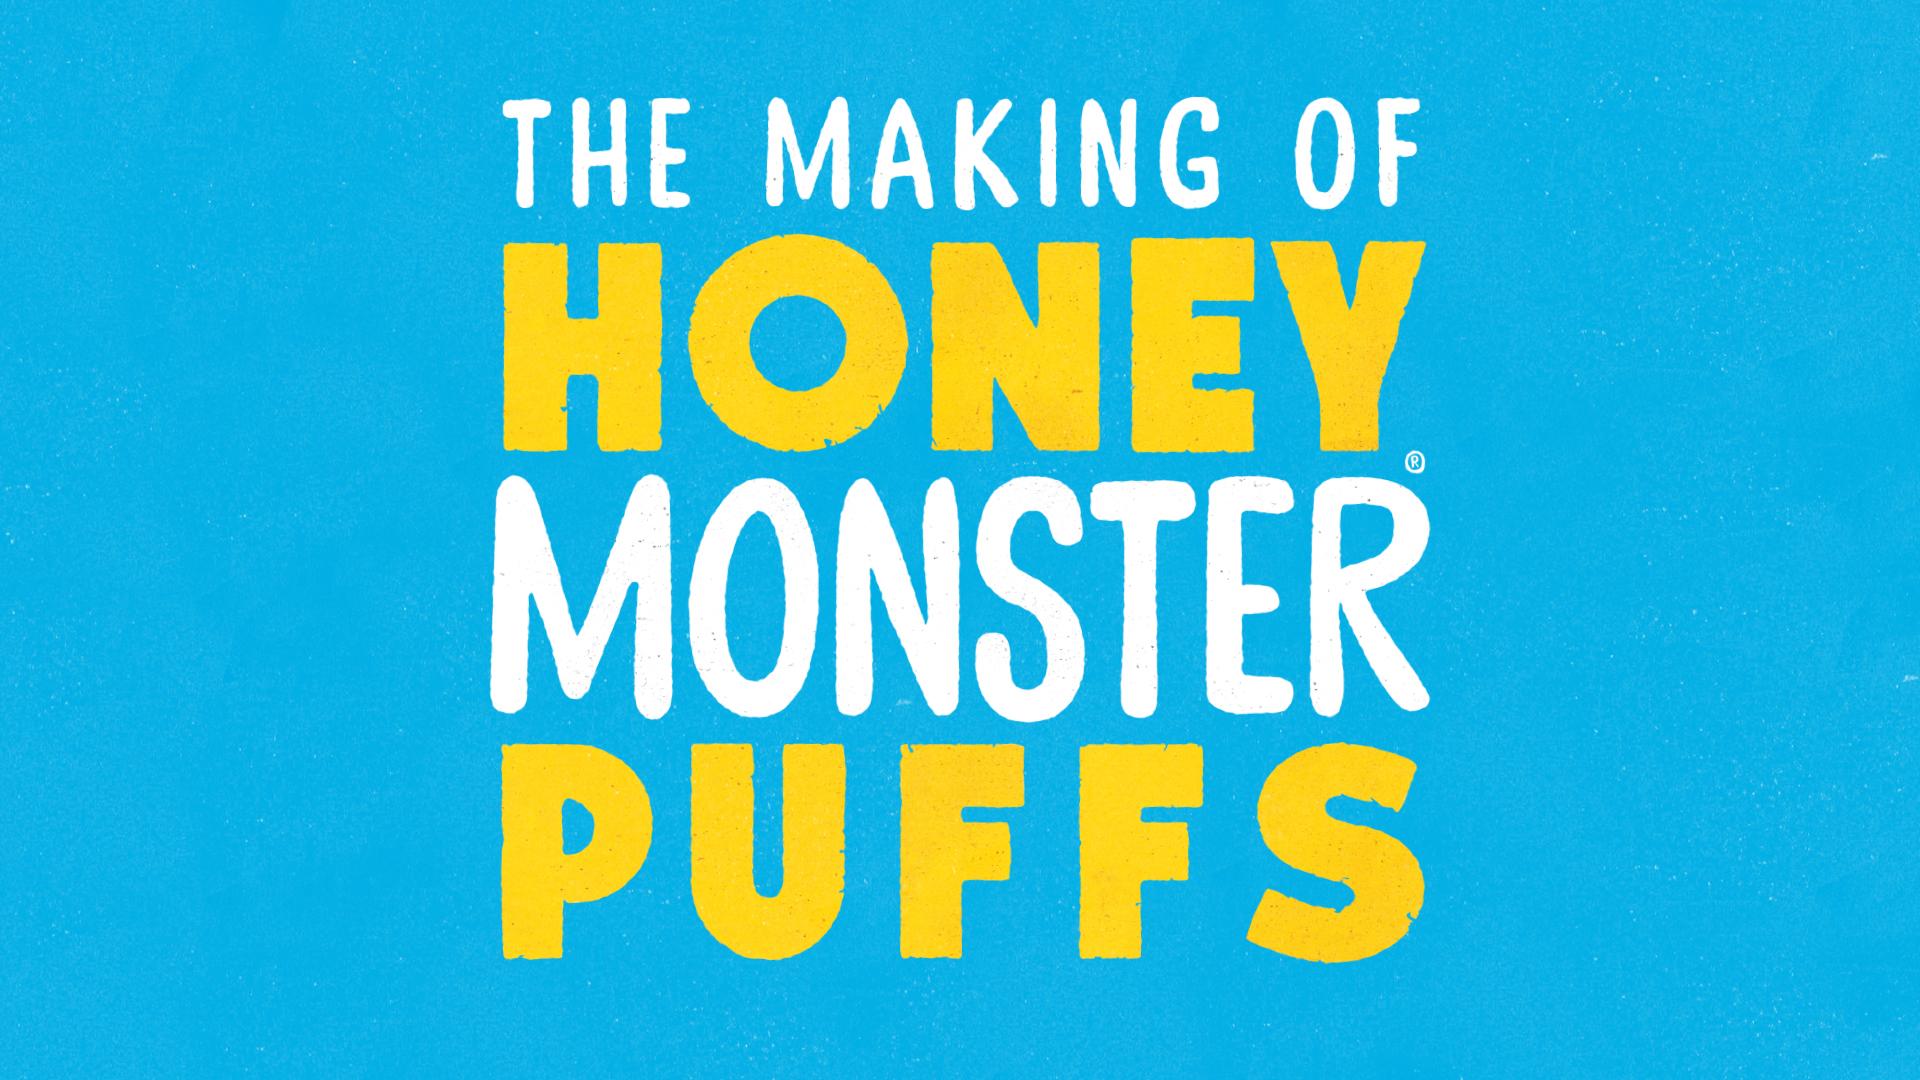 Honey Monster Puffs | Finn Communications